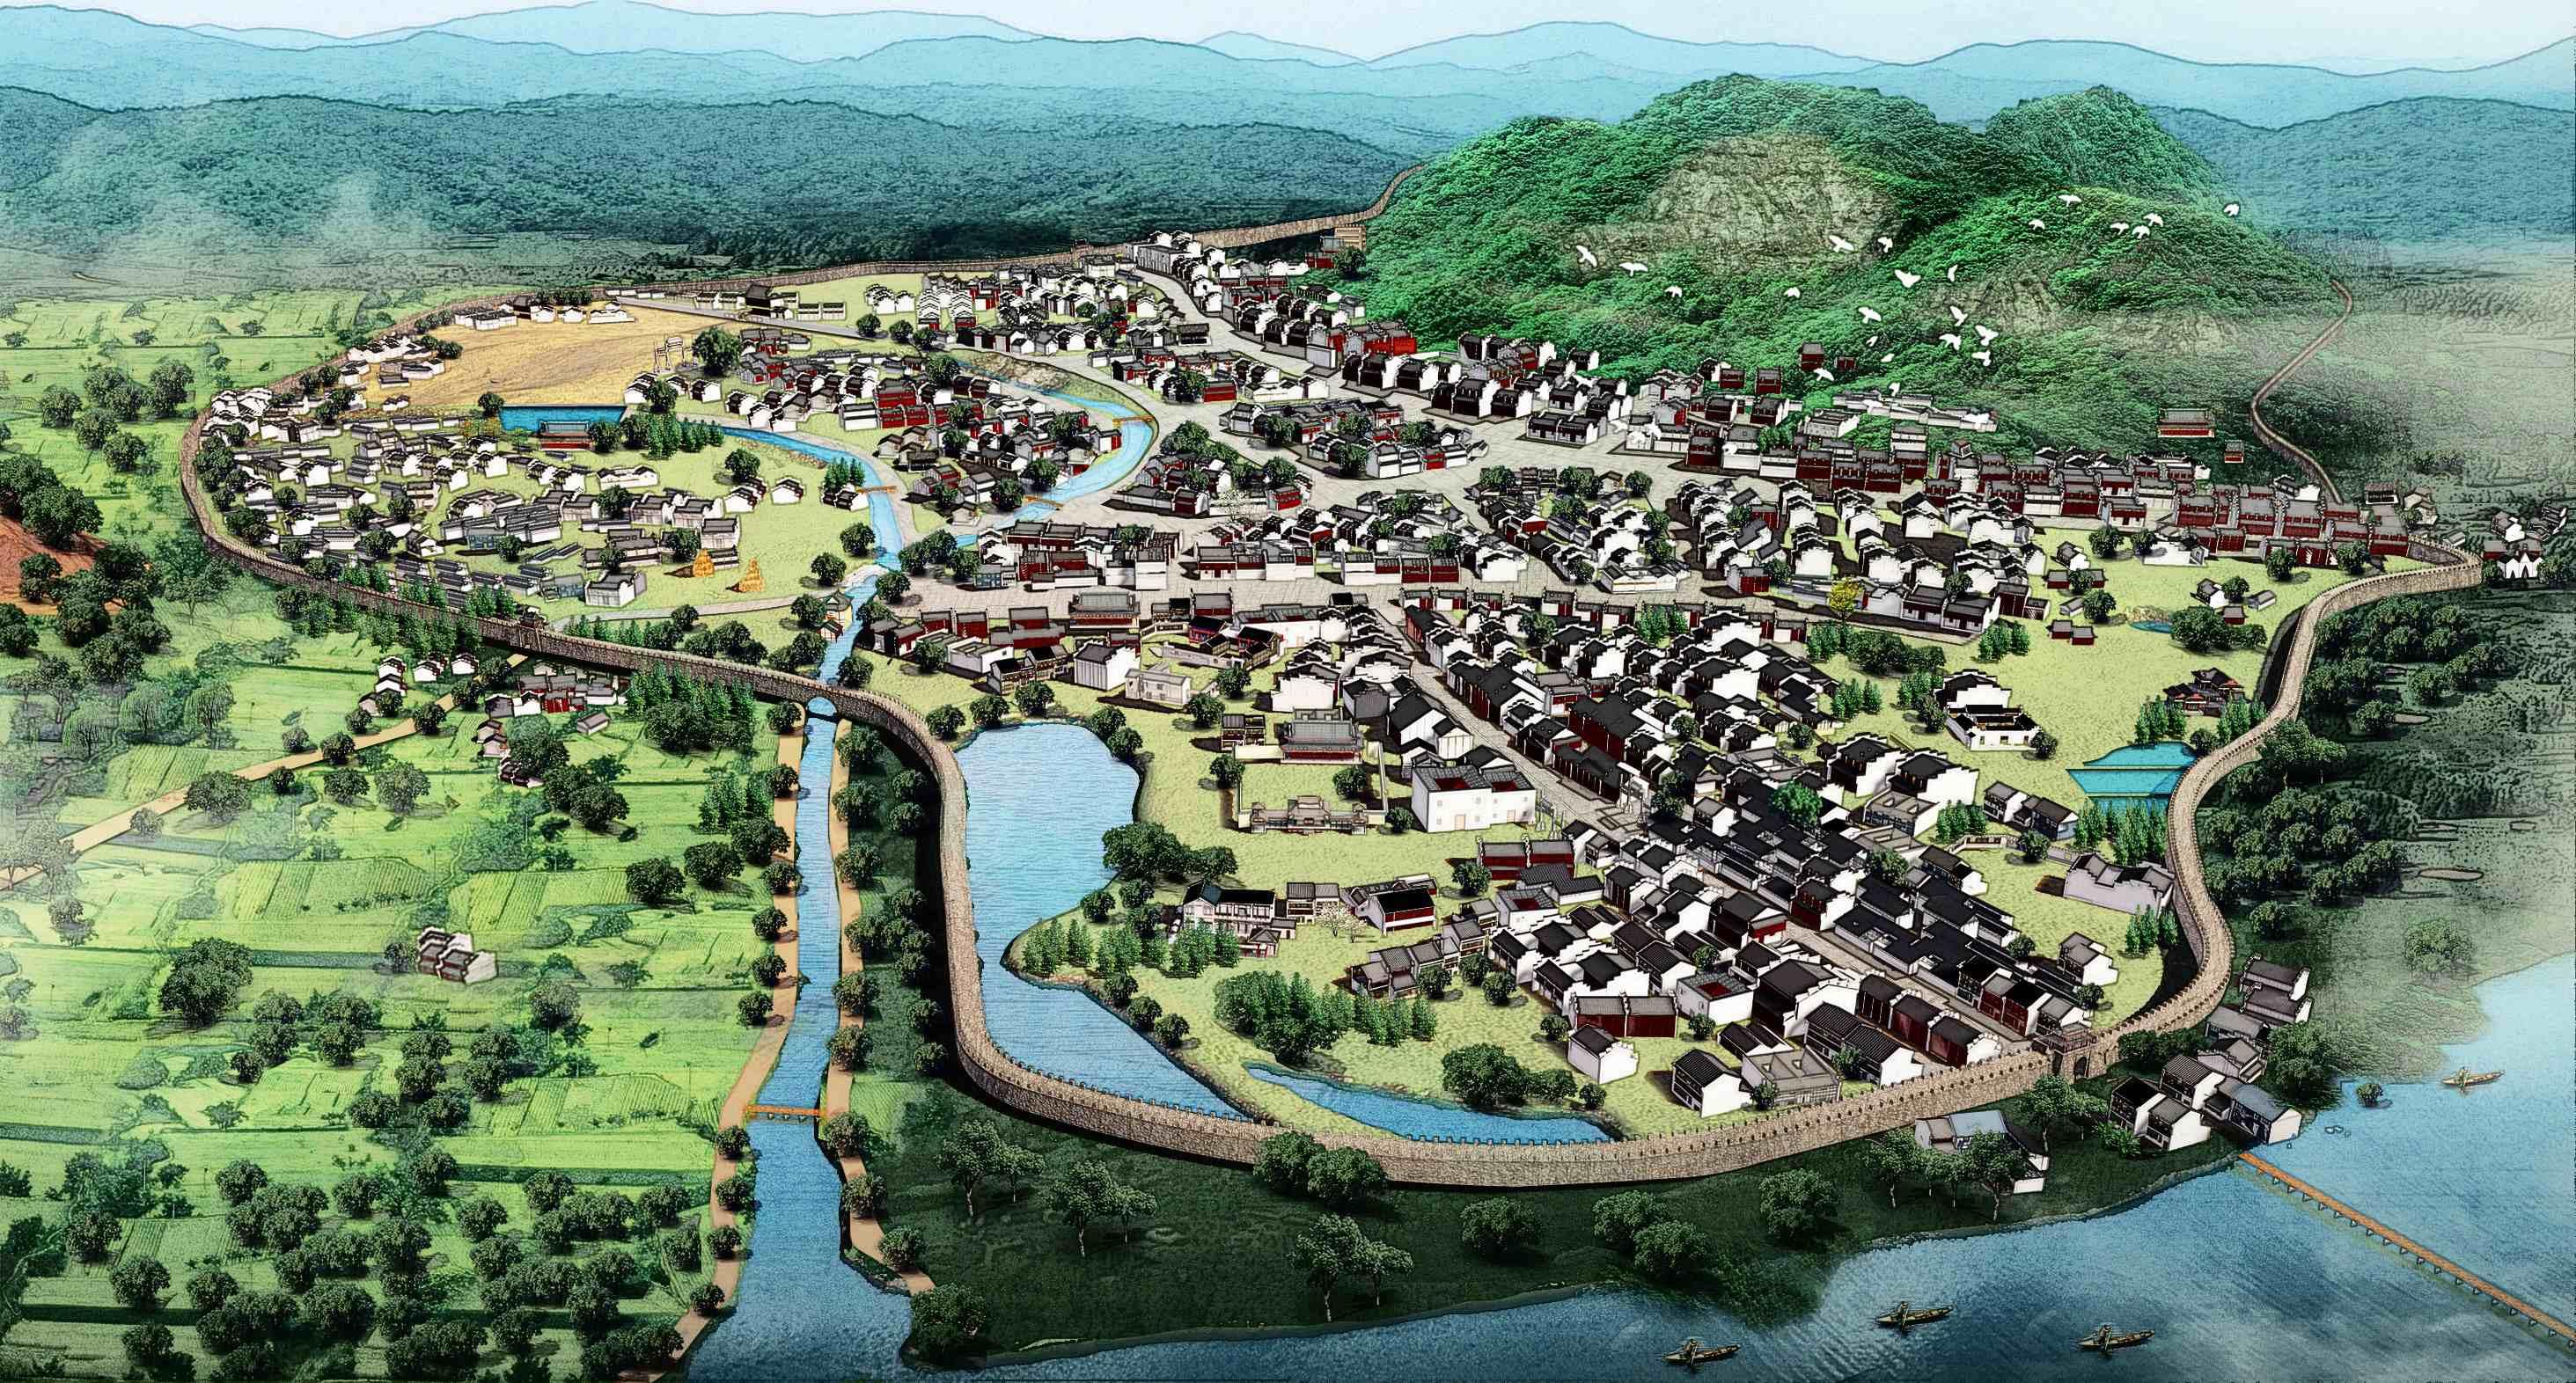 千岛湖水下古城旅游开发总体规划